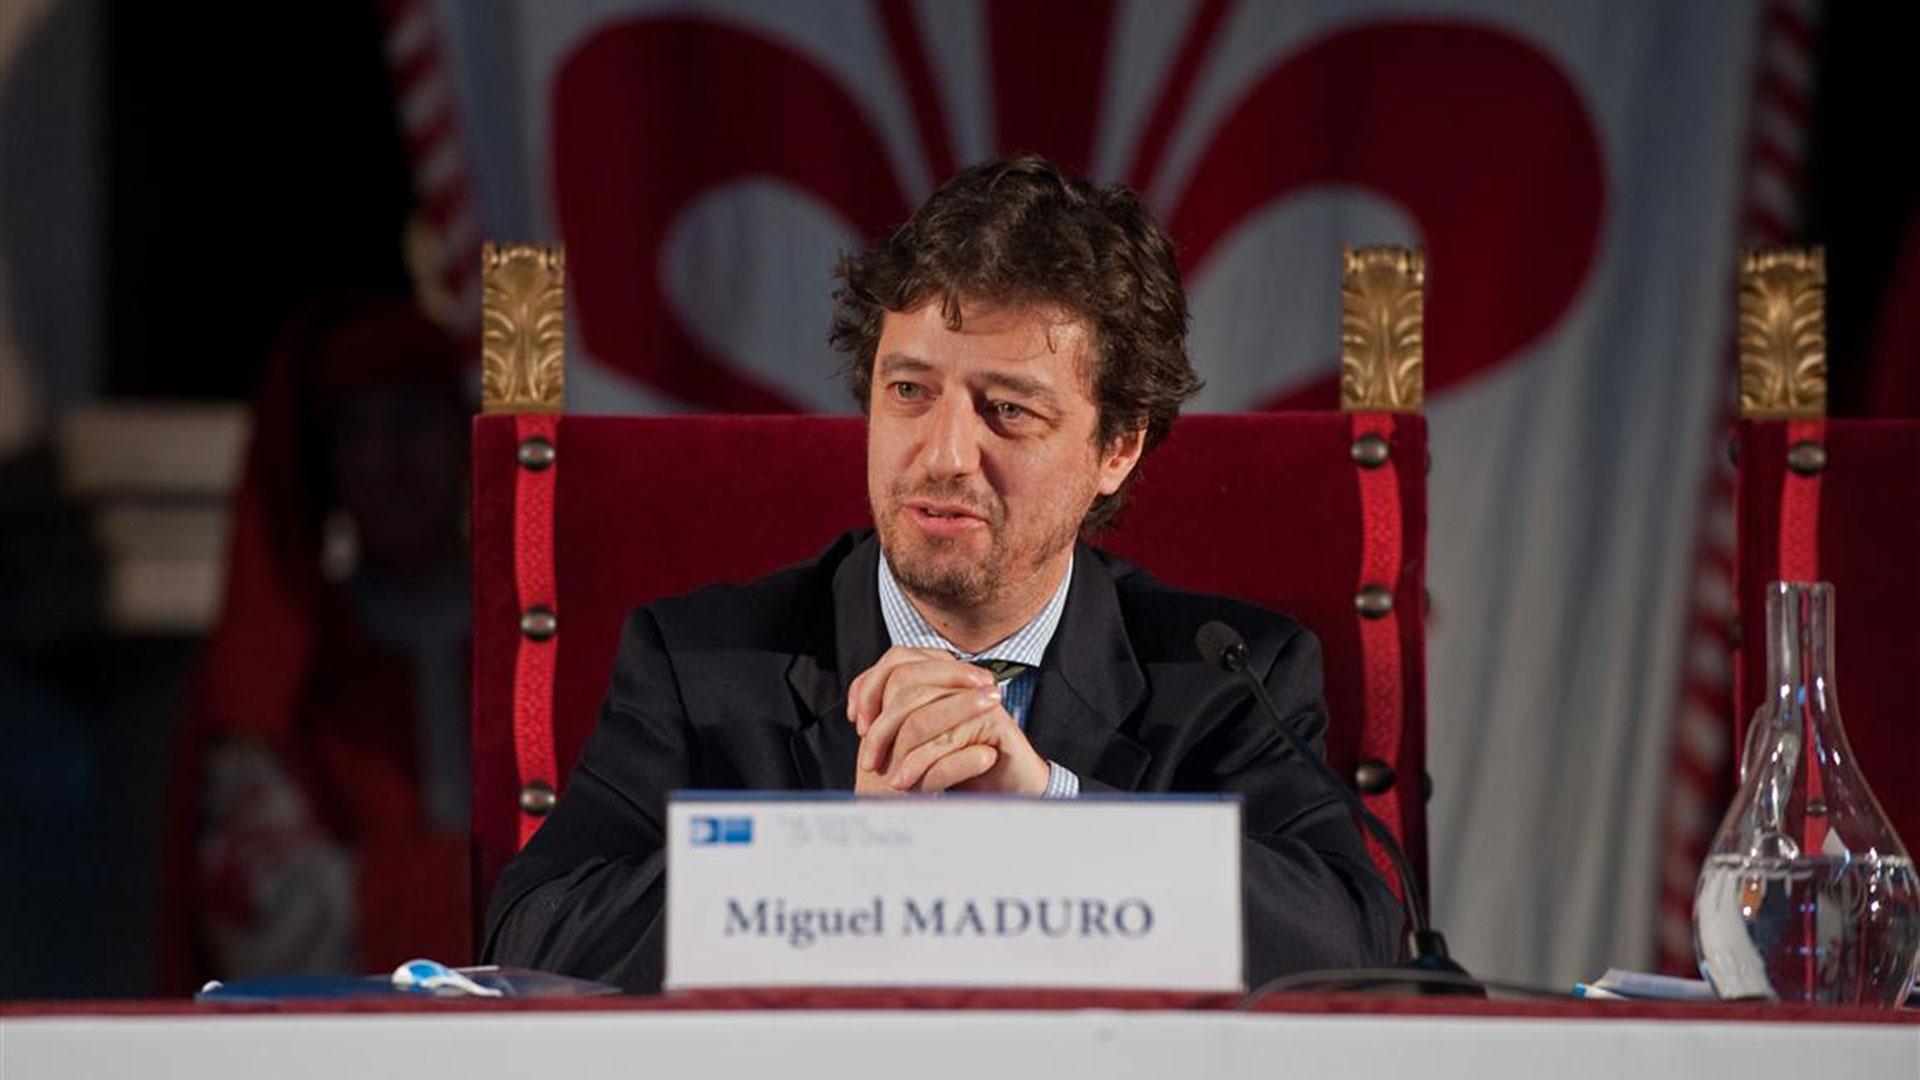 Miguel Maduro había sido nombrado por Infantino y en menos de un año fue removido de su cargo